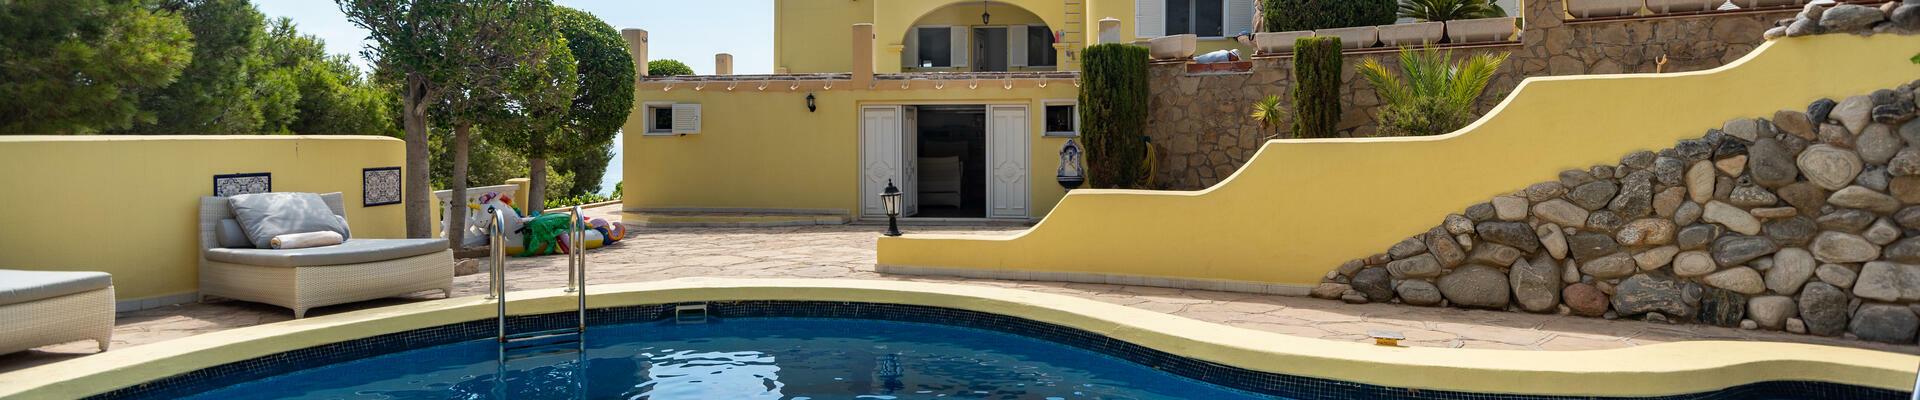 DV1429: 5 Bedroom Villa for Sale